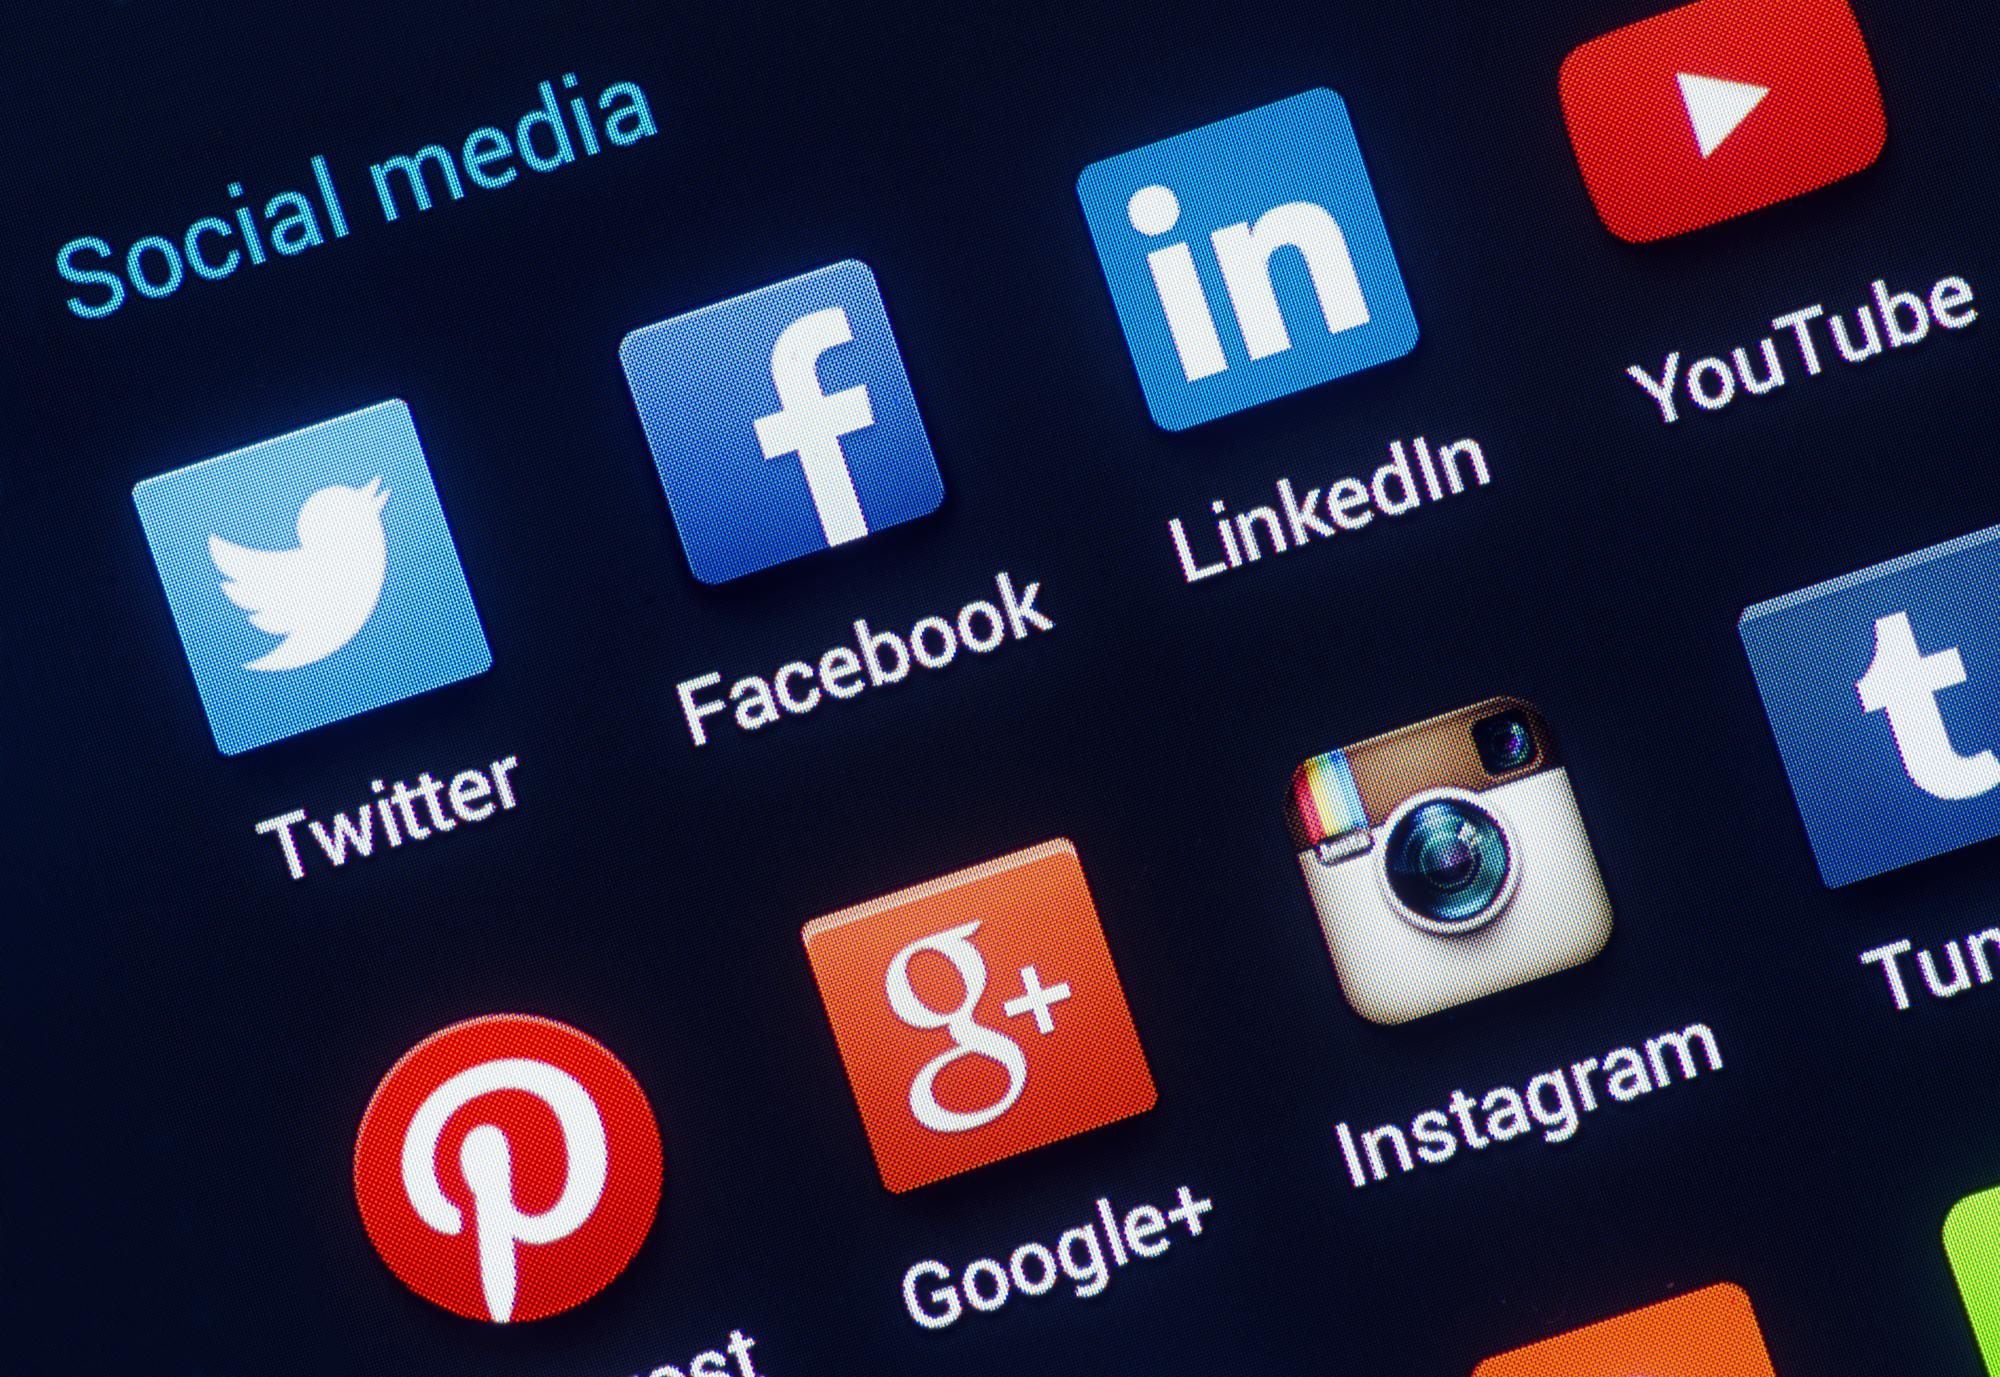 פרסום בגוגל או פרסום בפייסבוק